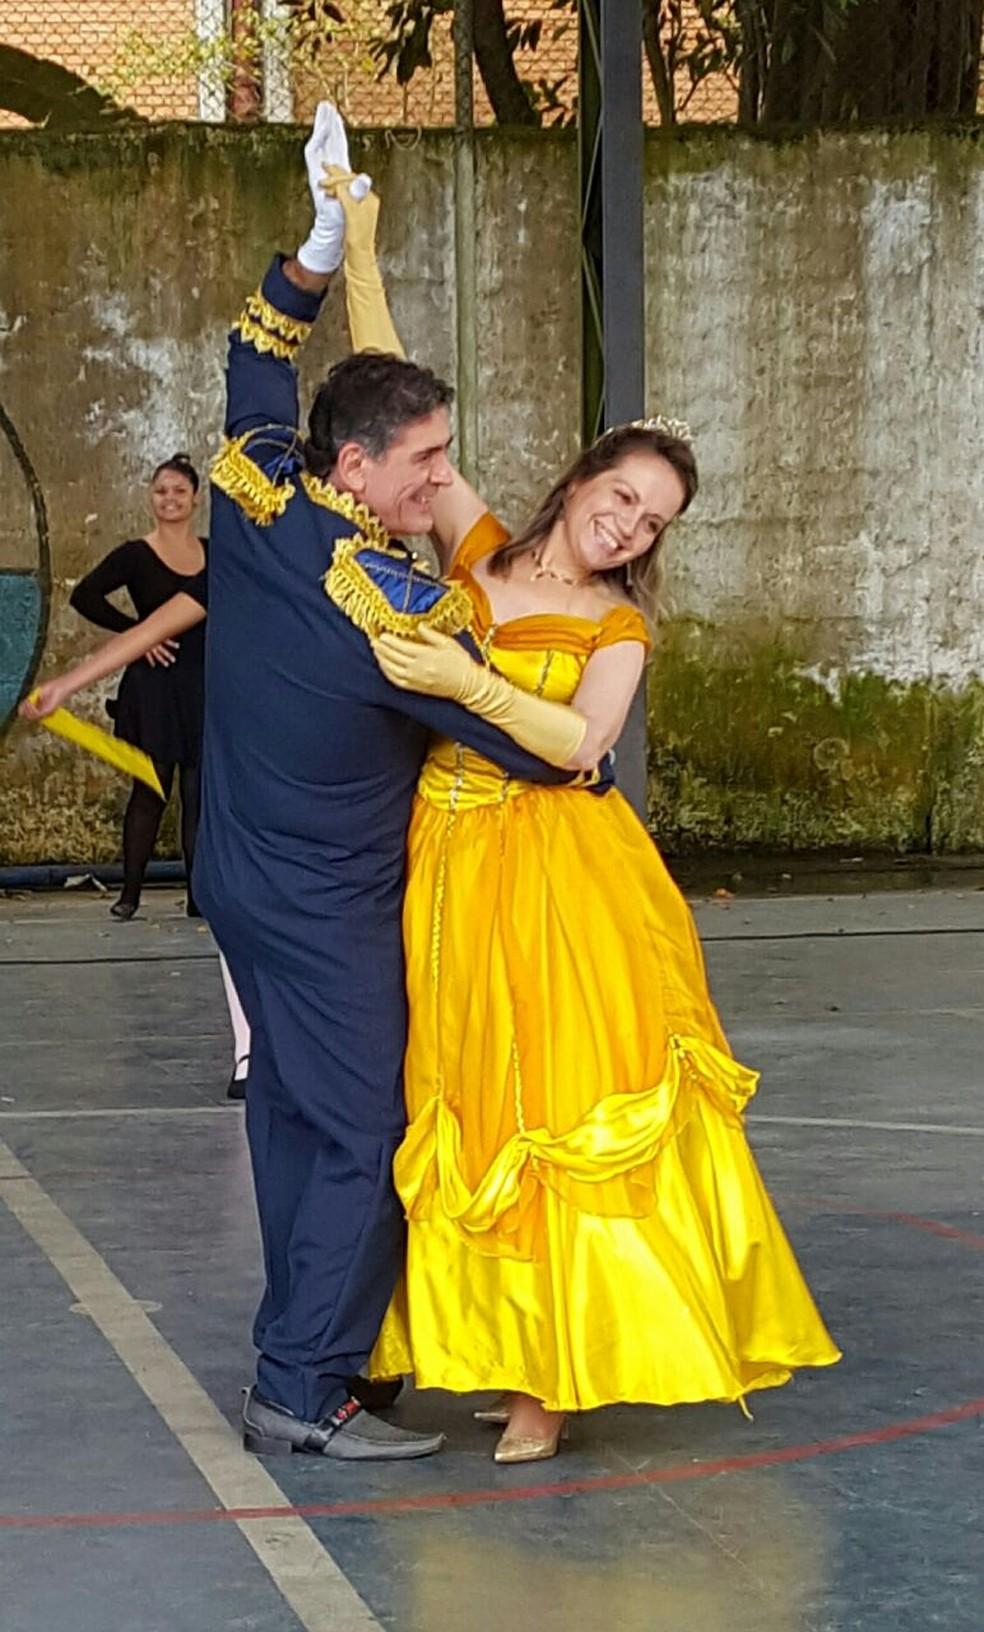 O diretor Wagner Neves e a vice-diretora da instituição em uma das apresentações de dança da escola. — Foto: Arquivo pessoal